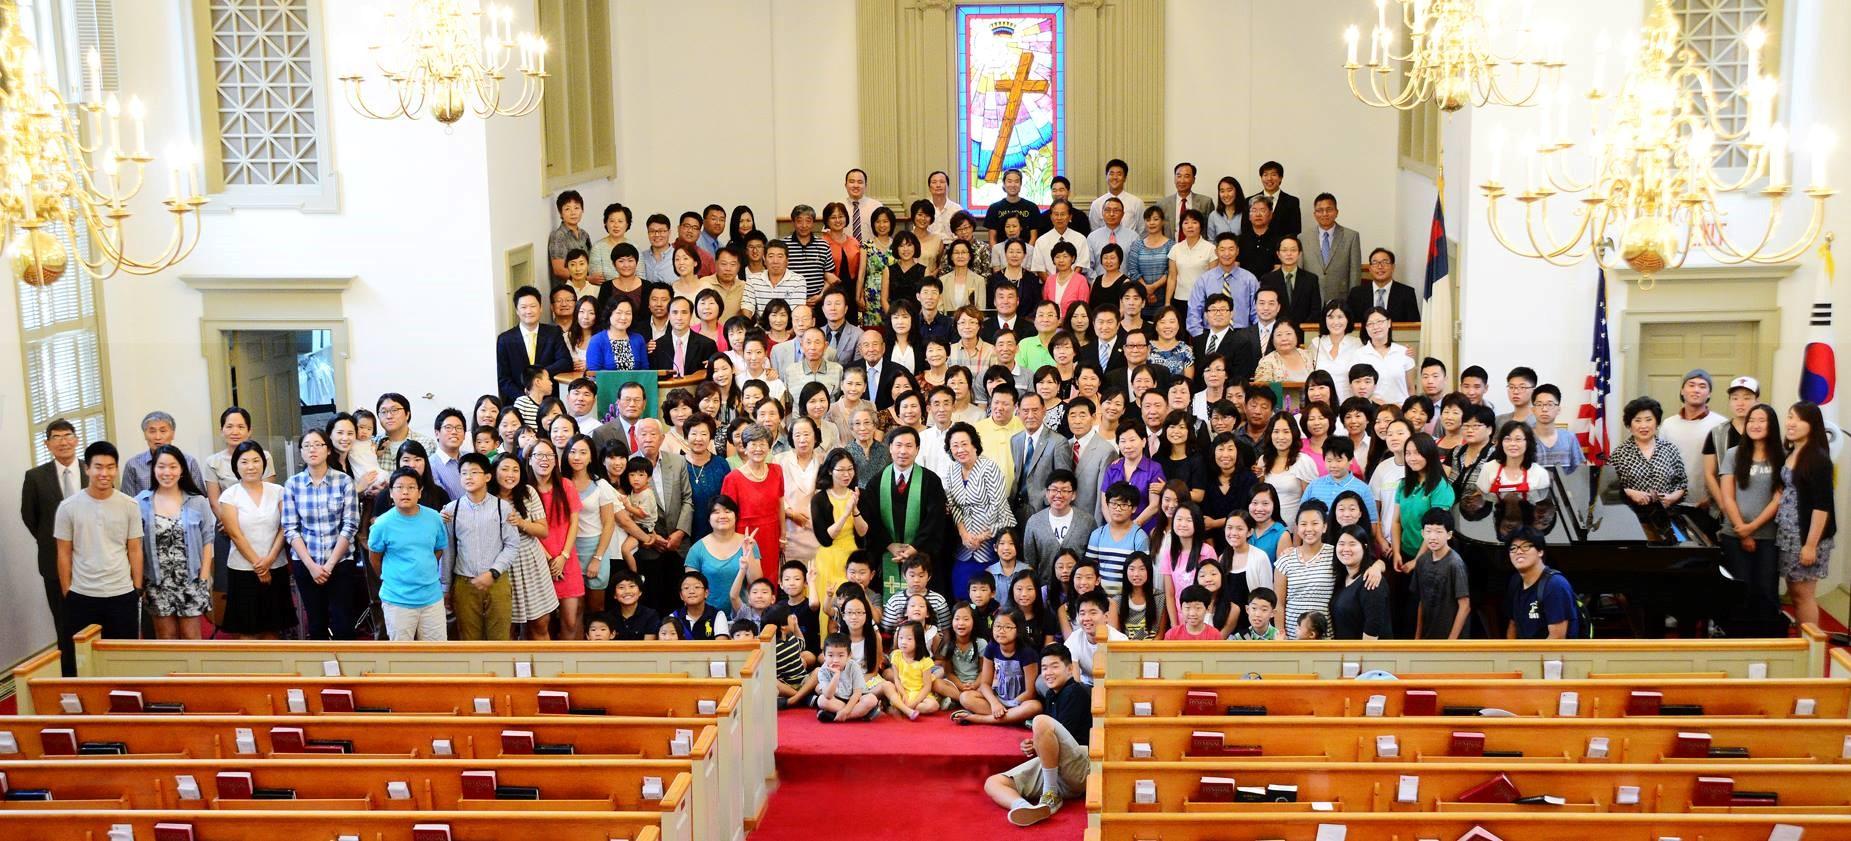 엠마오 교회 모든 교인이 속히 대면 예배에 출석하는 날이 오기를 기도하는 마음으로 코로나 이전의 엠마오 연합감리교회 전 교인 단체 사진을 싣는다. 사진 출처, 엠마오 연합감리교회 홈페이지.